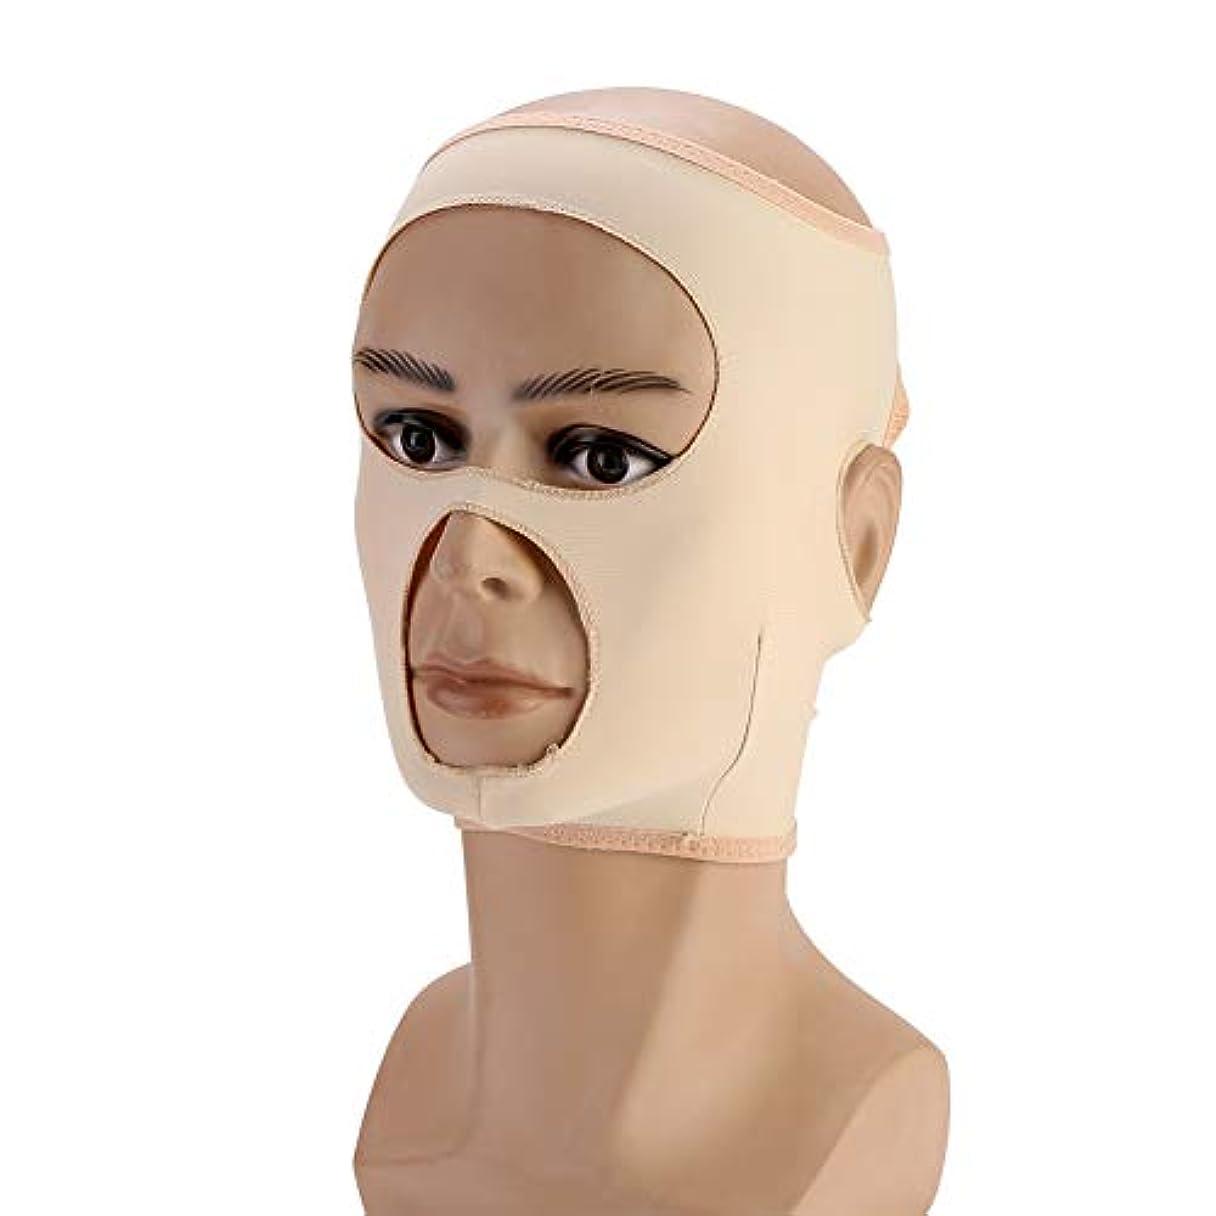 戦い多くの危険がある状況エンティティフェイス包帯 フェイシャルケア 小顔 美顔 Vライン 顔輪郭改善 美容包帯 通気性/伸縮性/自動調整バックル フェイシャル マスク フェイスラインスリムアップベルト(M)